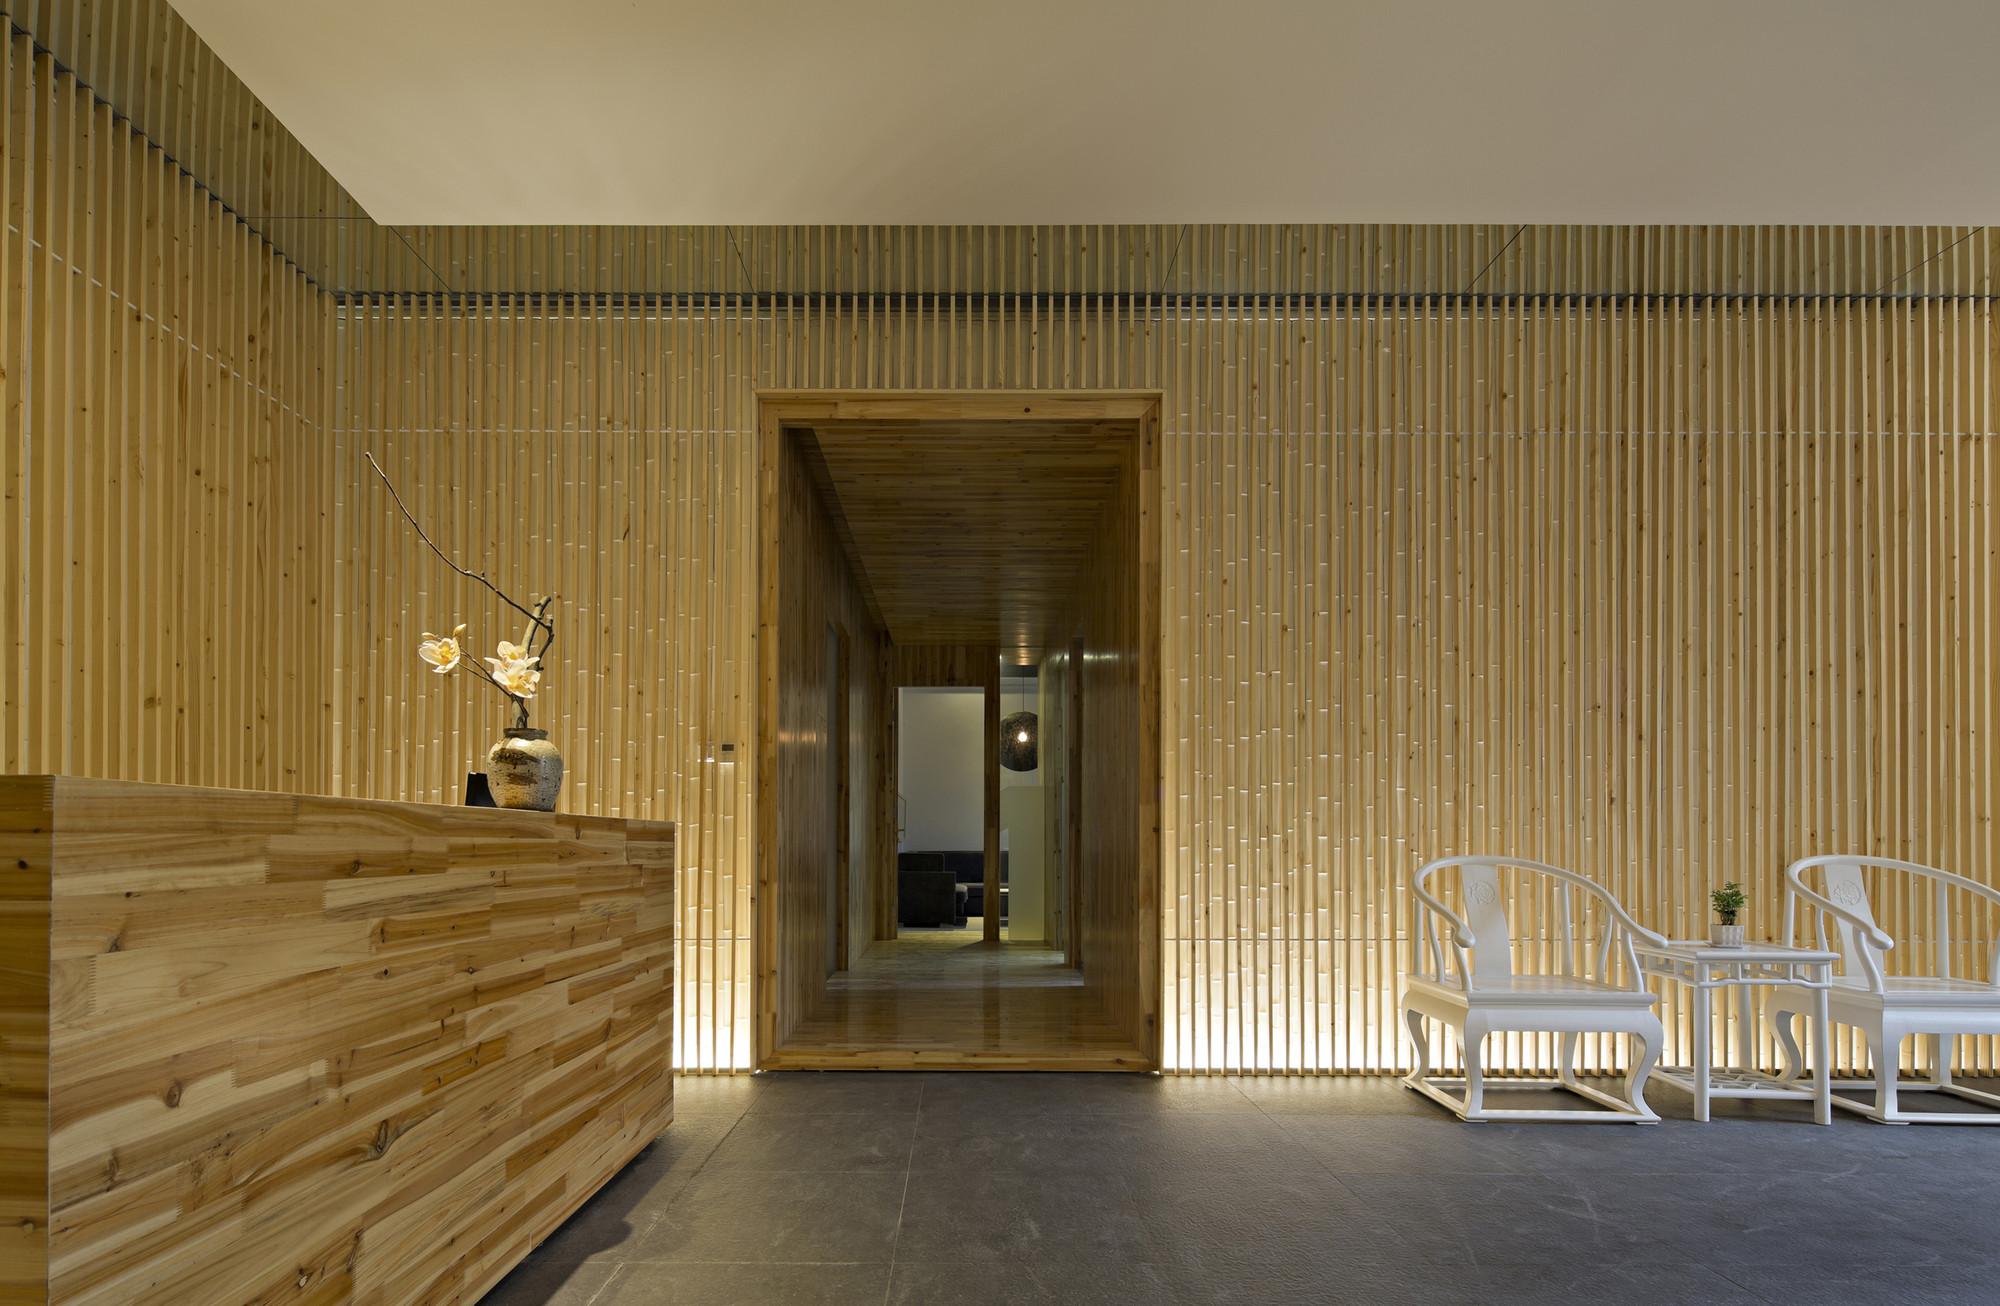 C&C Design Creative Headquarters / C&C Design, Courtesy of C&C Design